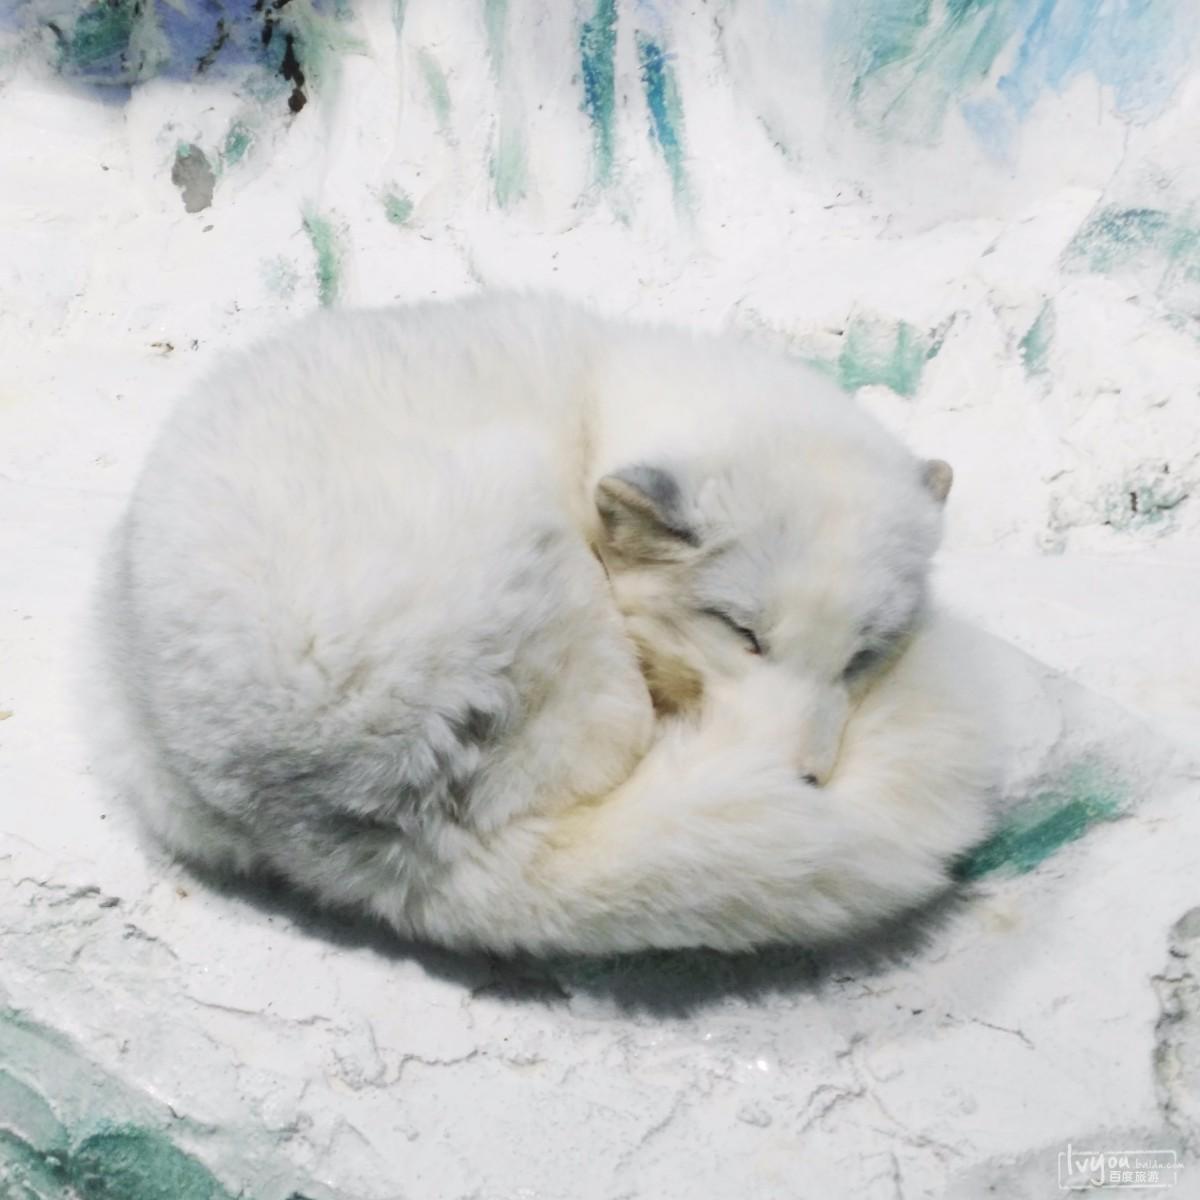 累趴下的可爱图片带字动物图片